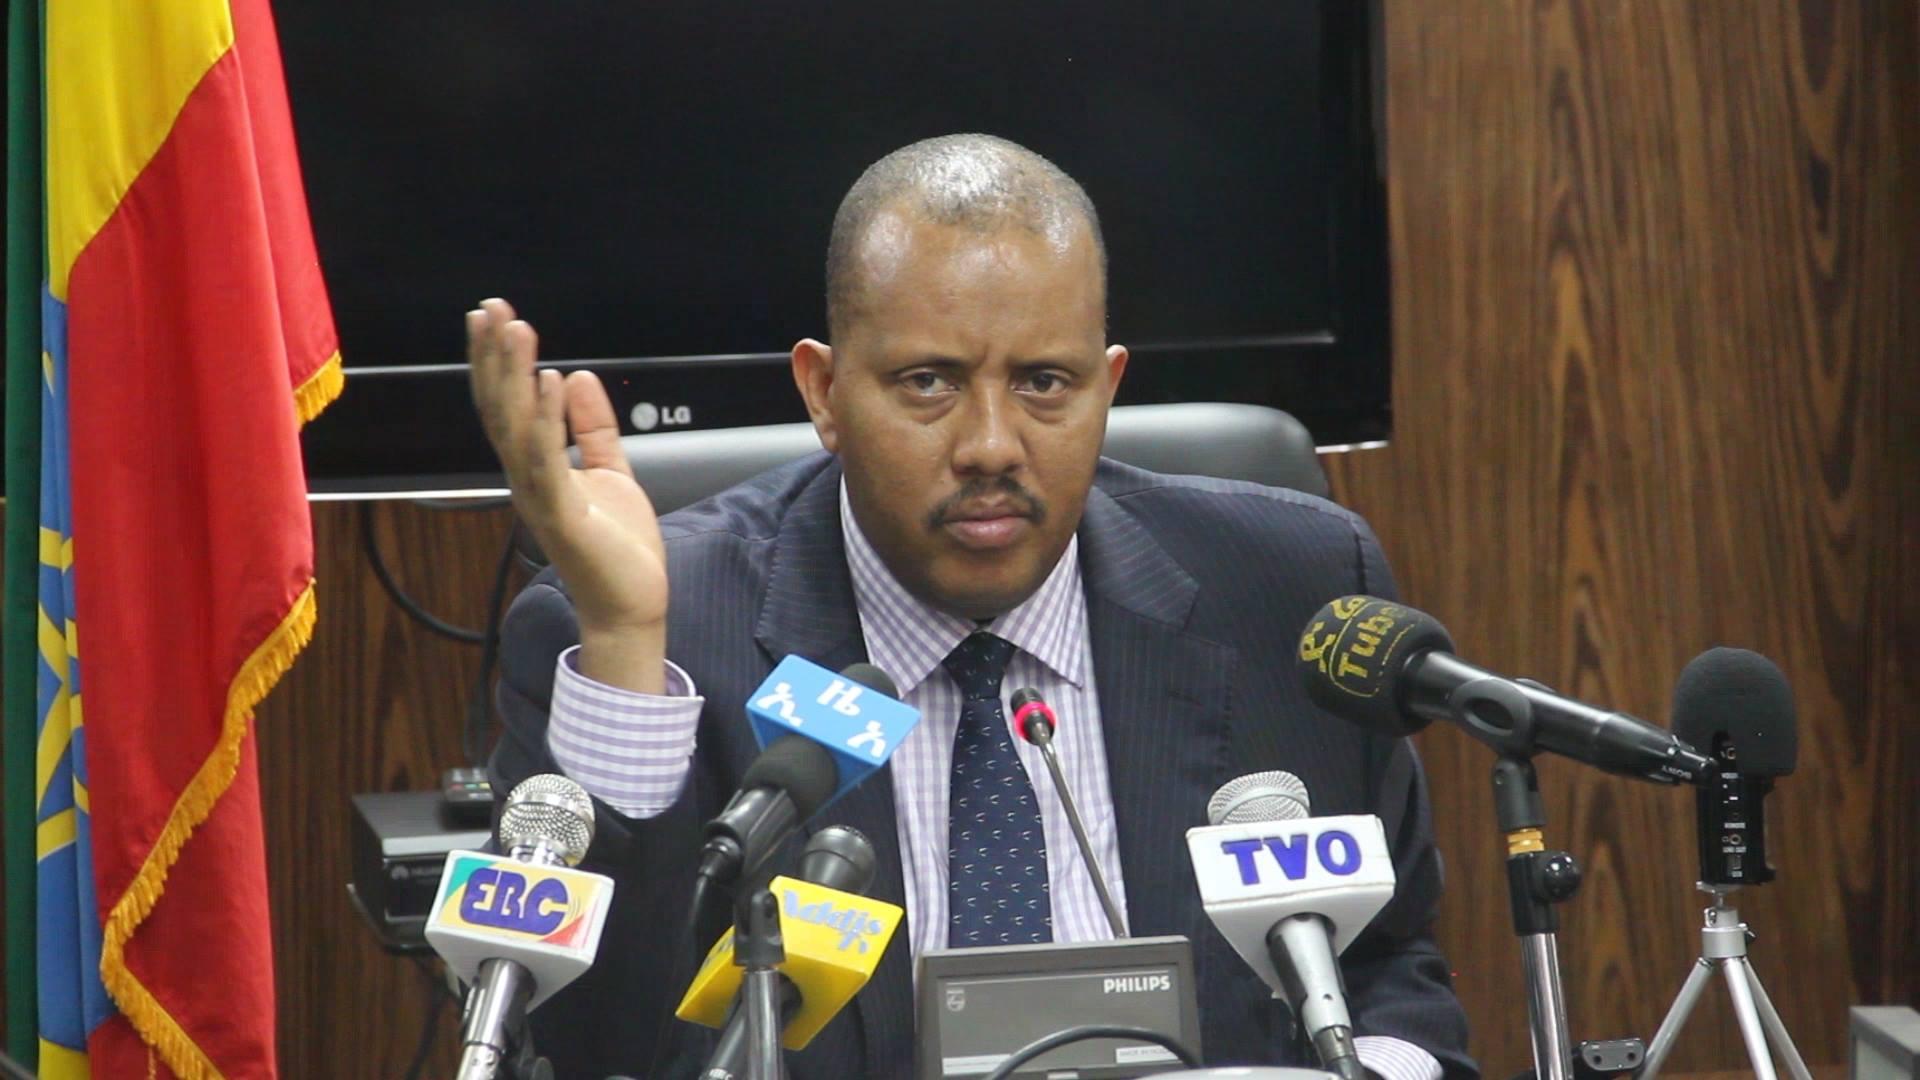 Ethiopia confirmed border clash with Eritrea